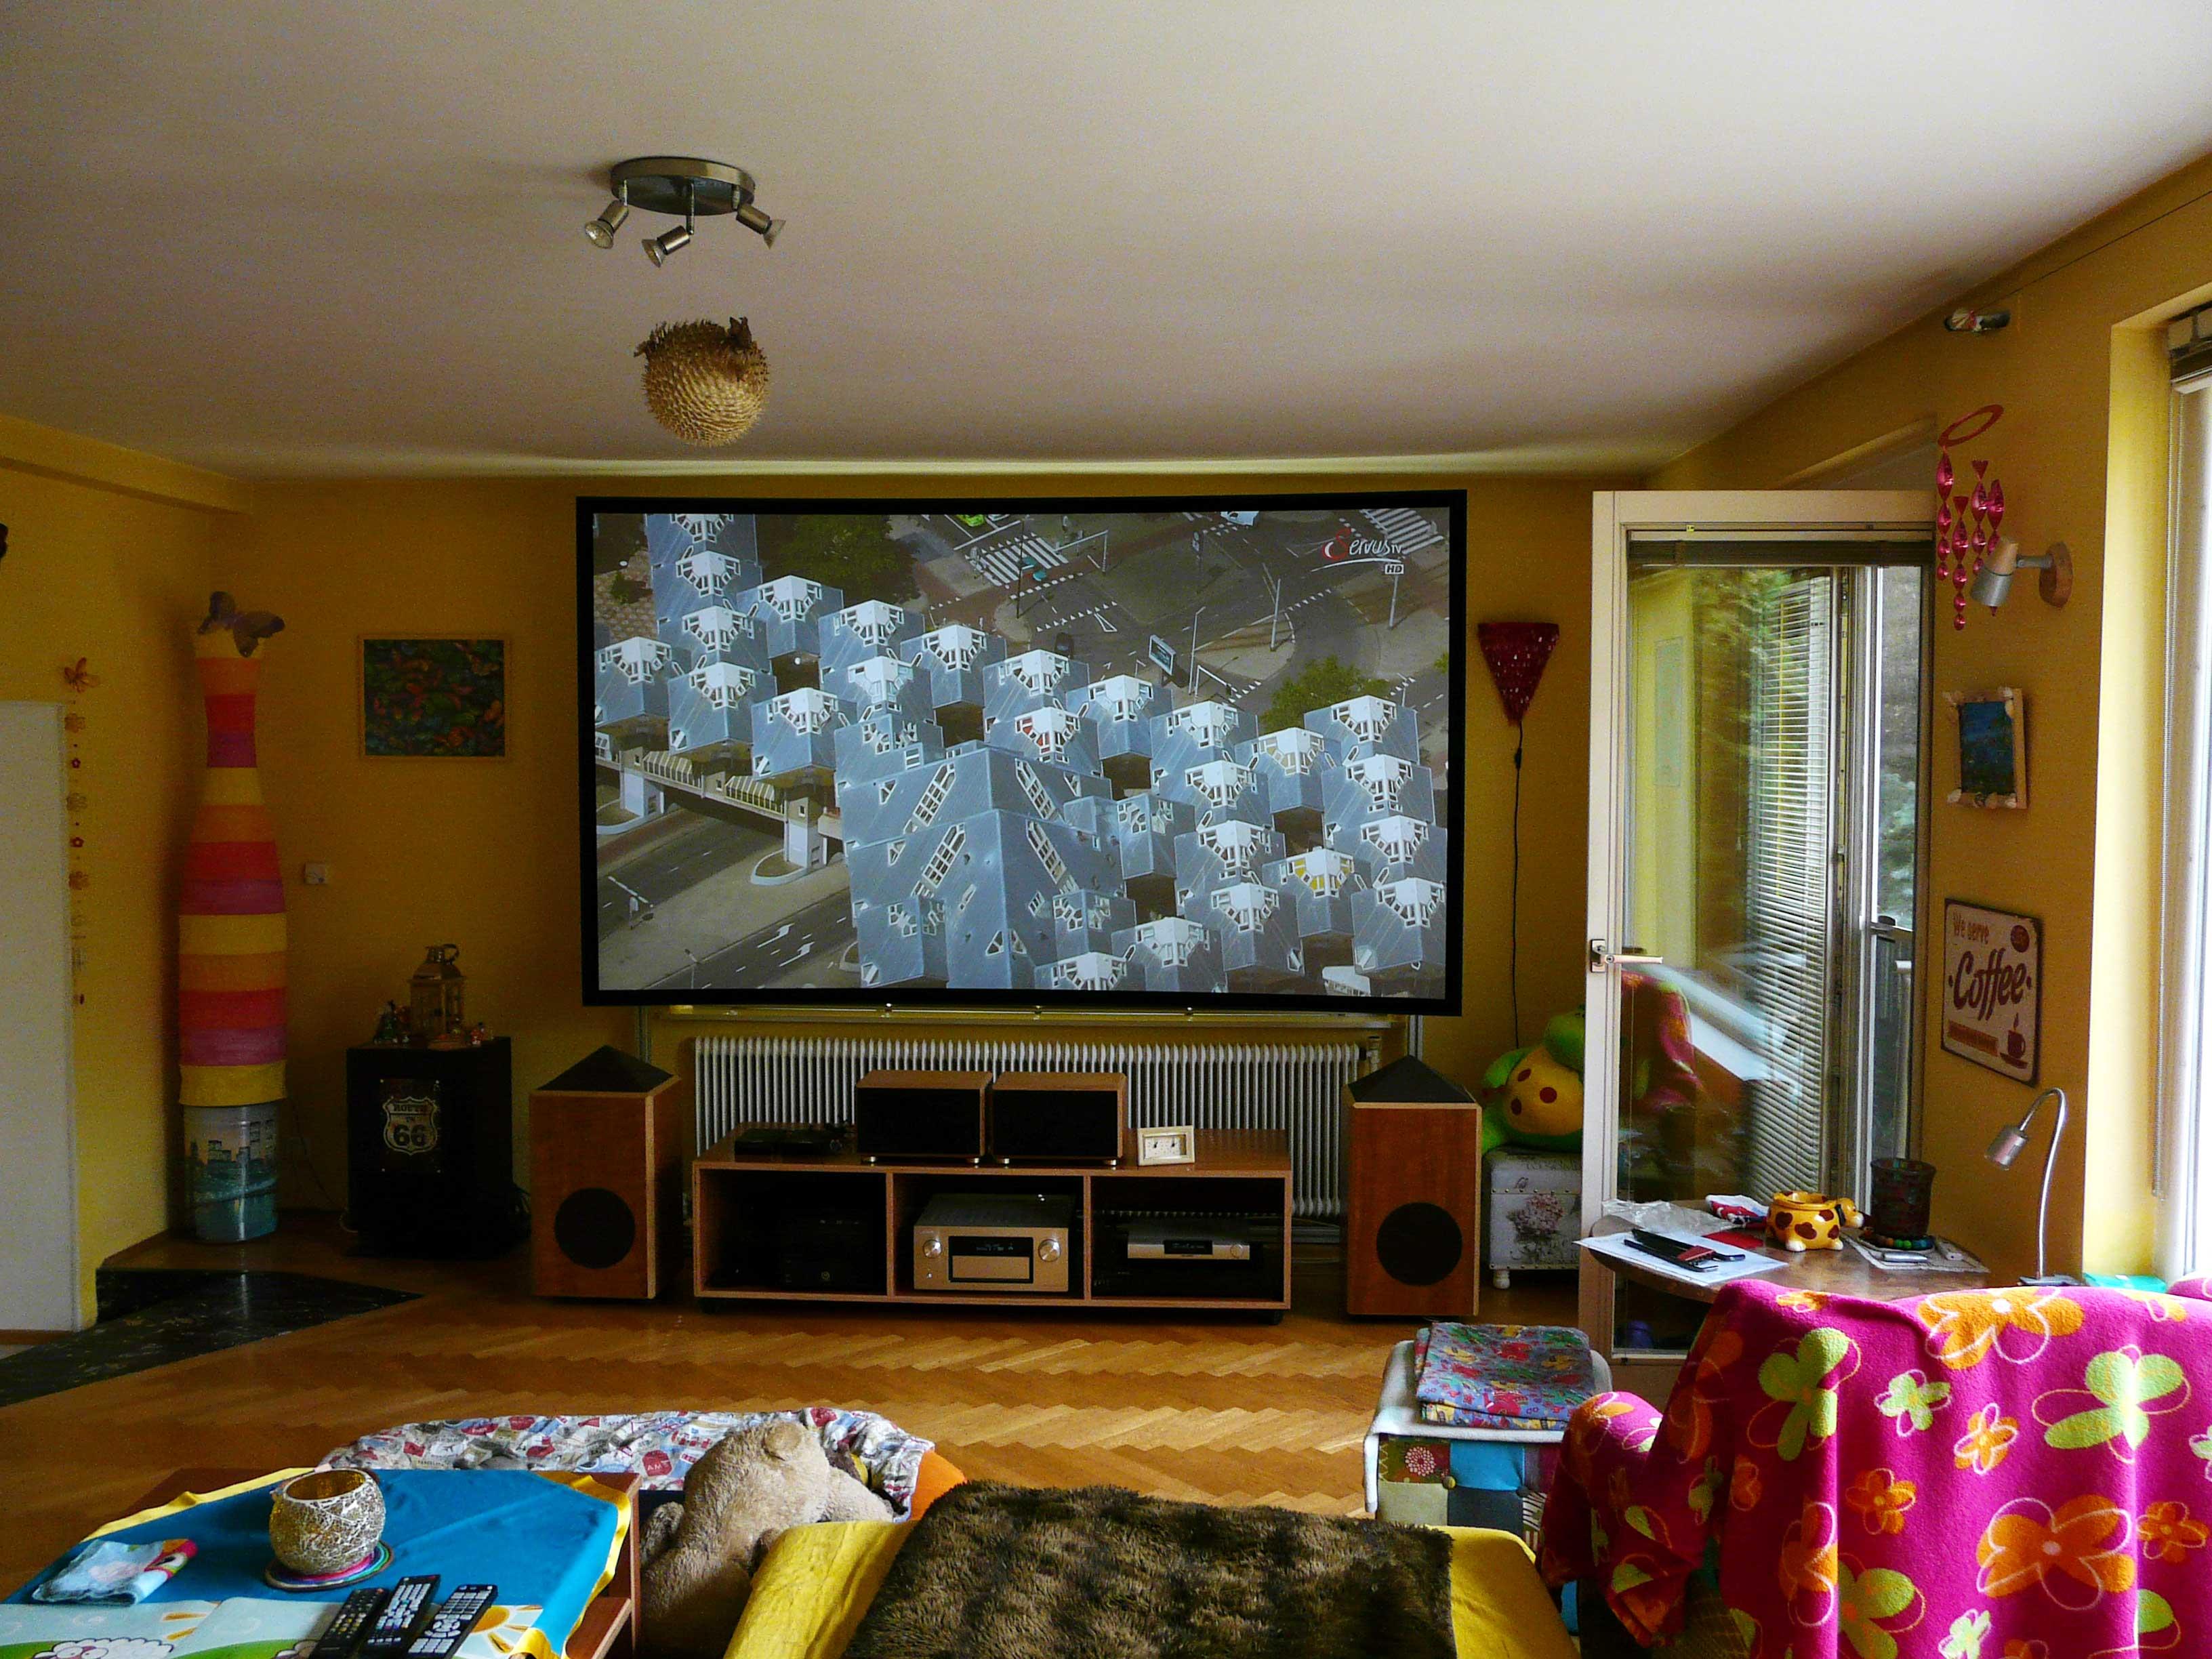 Fantastisch ... Wohnzimmer Die CouchScreen Leinwand Ist Die Einzige Seit Jahren  Verfügbare Hochkontrastleinwand Die Auch Bei Einfall Von Streulicht